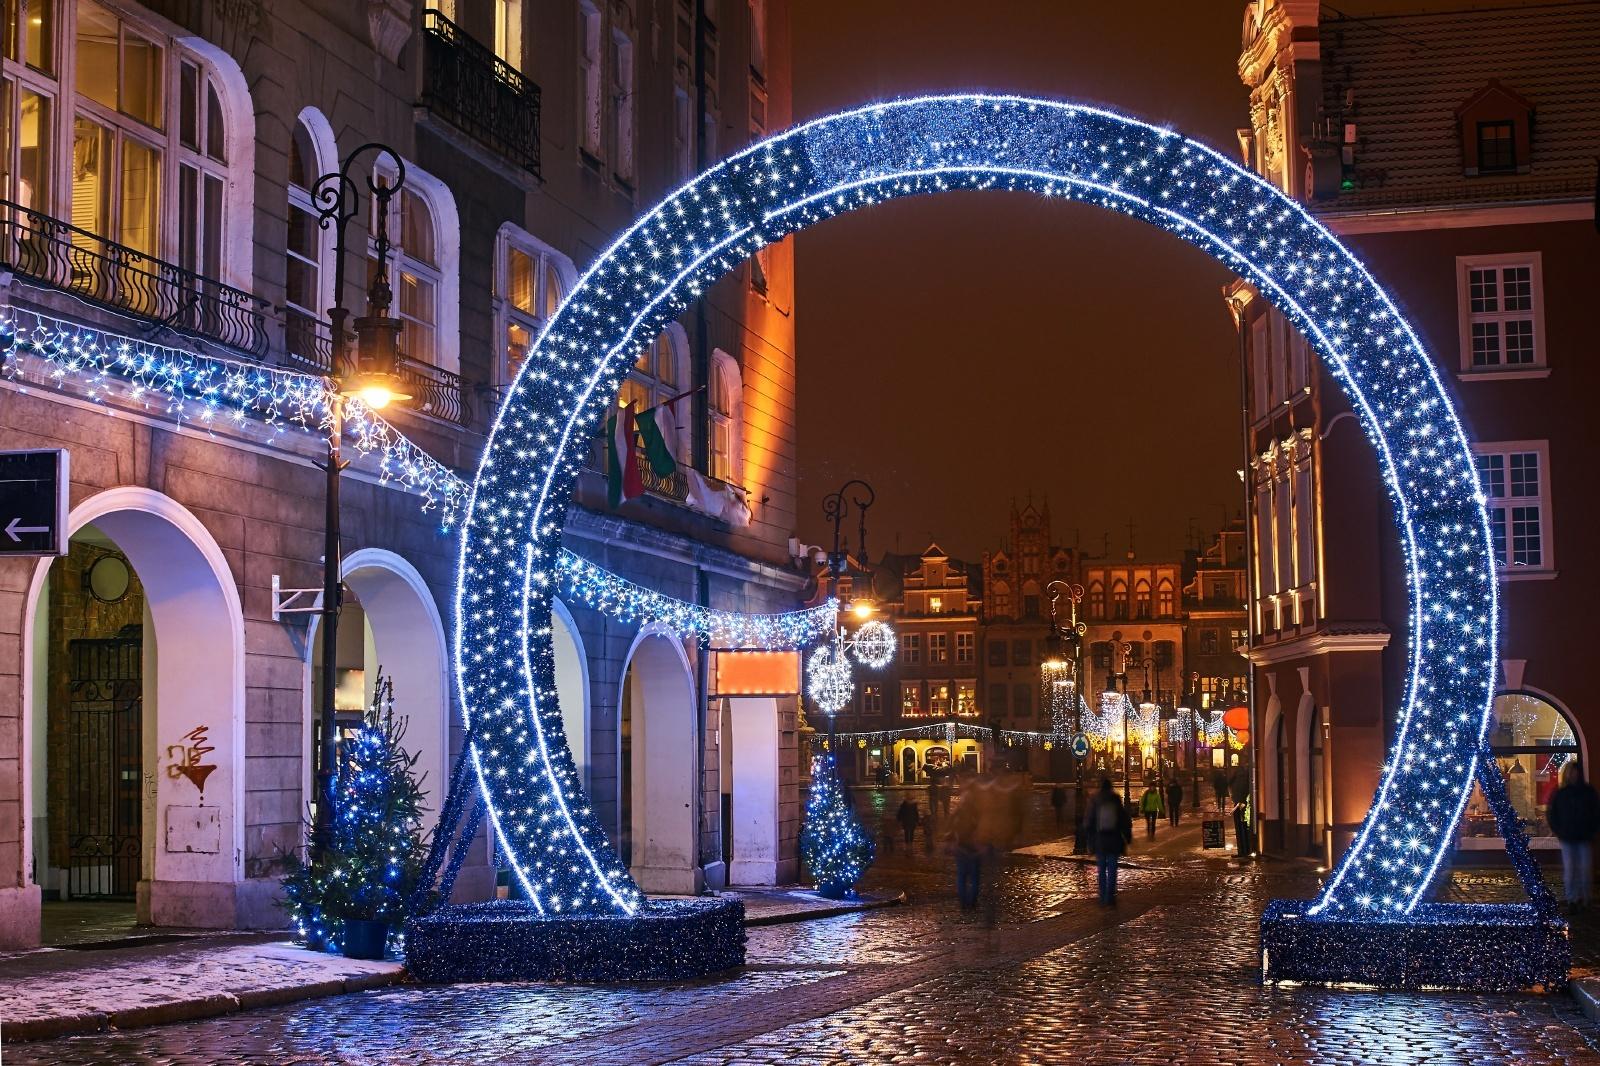 ポーランドのクリスマス風景 ポズナン